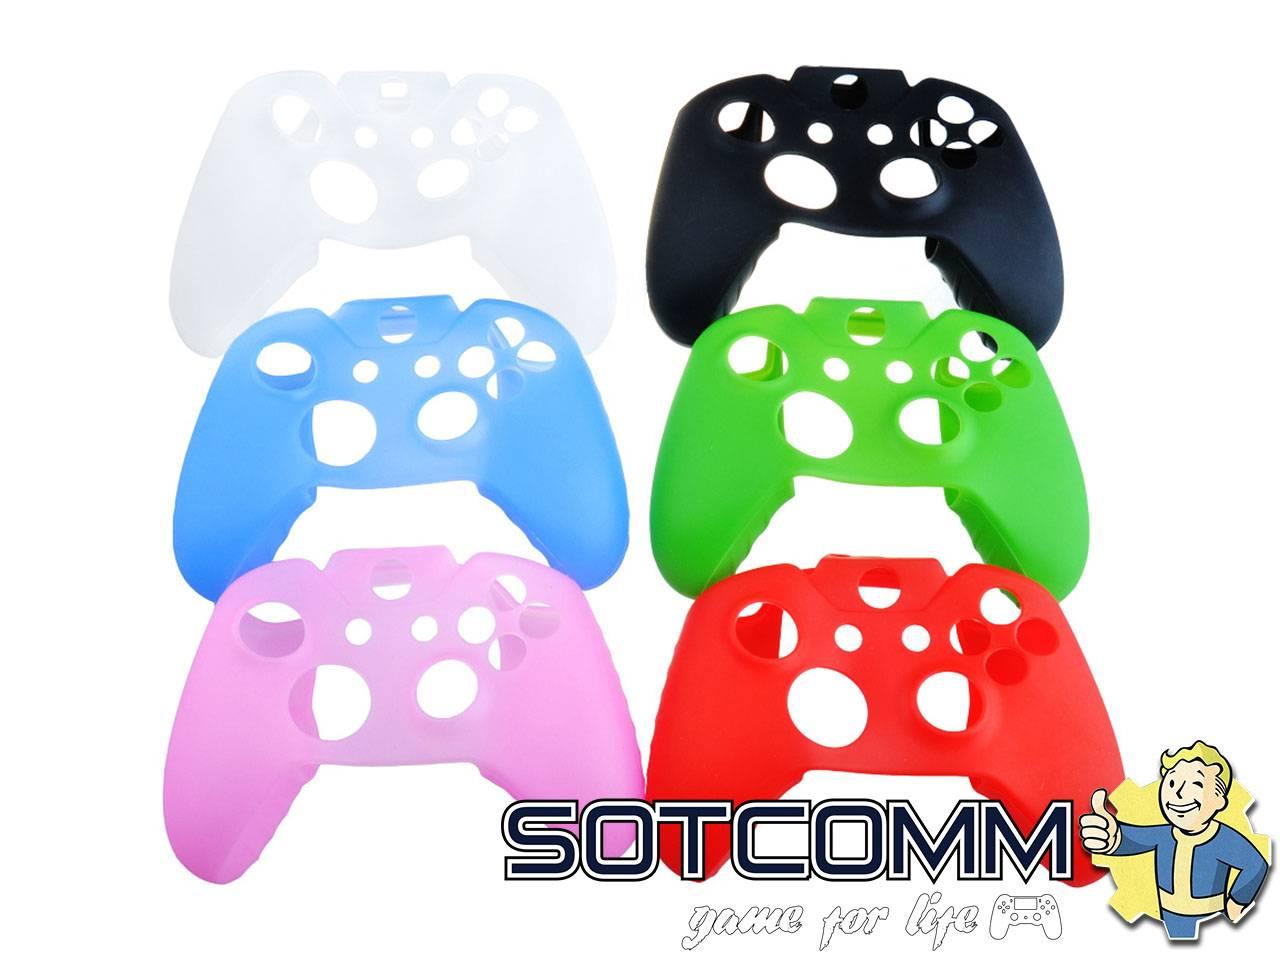 Мягкий силиконовый чехол для контроллера Xbox One